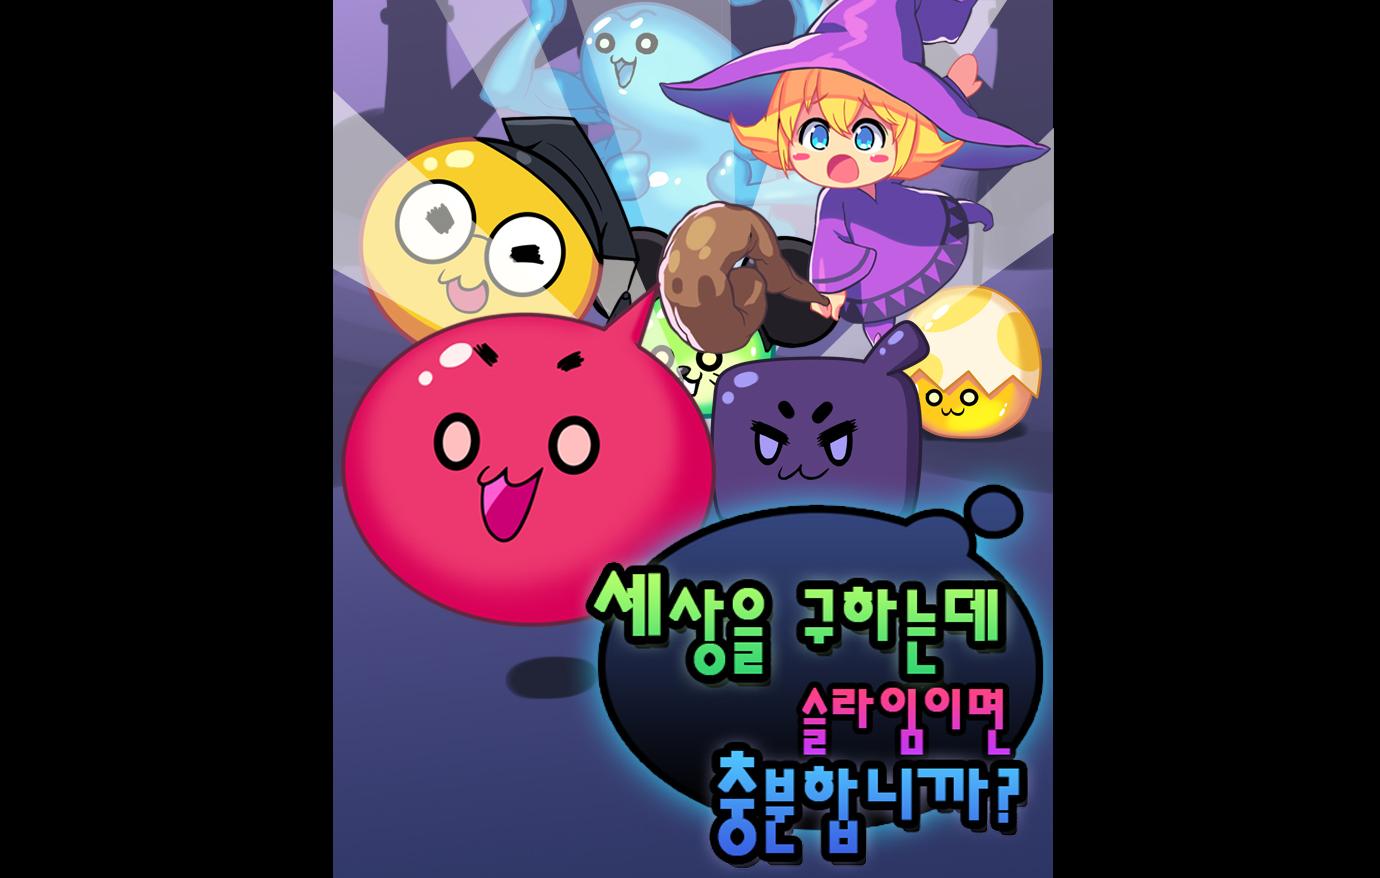 [MWU Korea 2019] 세상을 구하는데 슬라임이면 충분합니까? / TogoMango